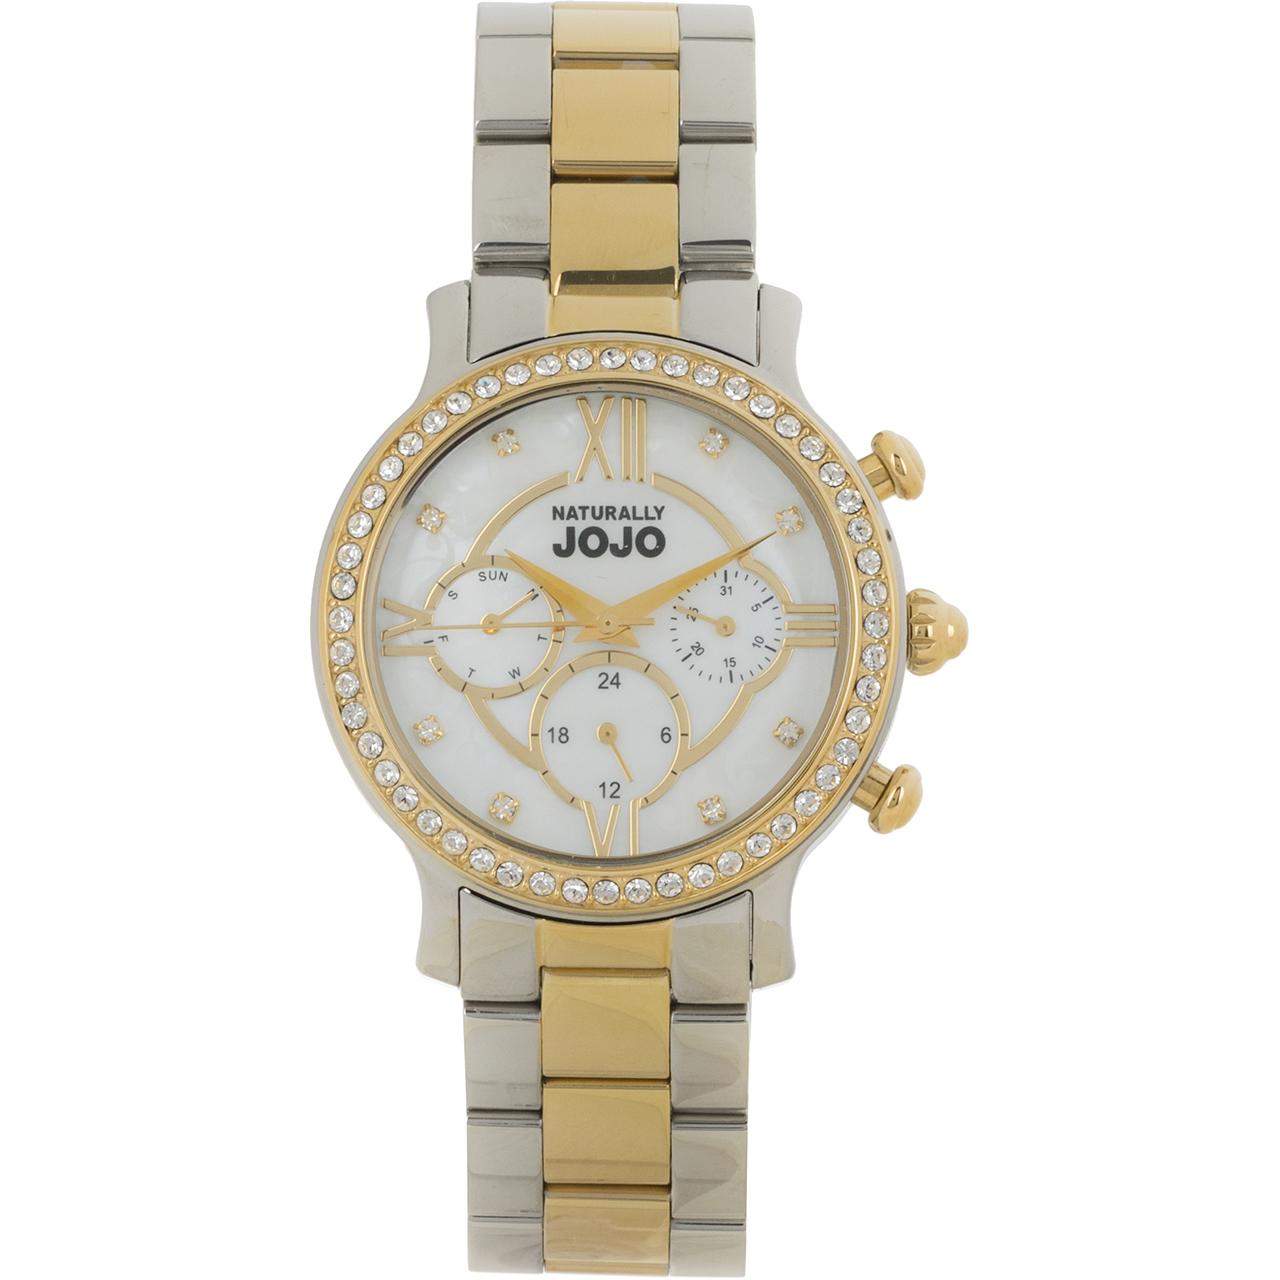 ساعت مچی عقربه ای زنانه نچرالی ژوژو مدل JO96658.80GM